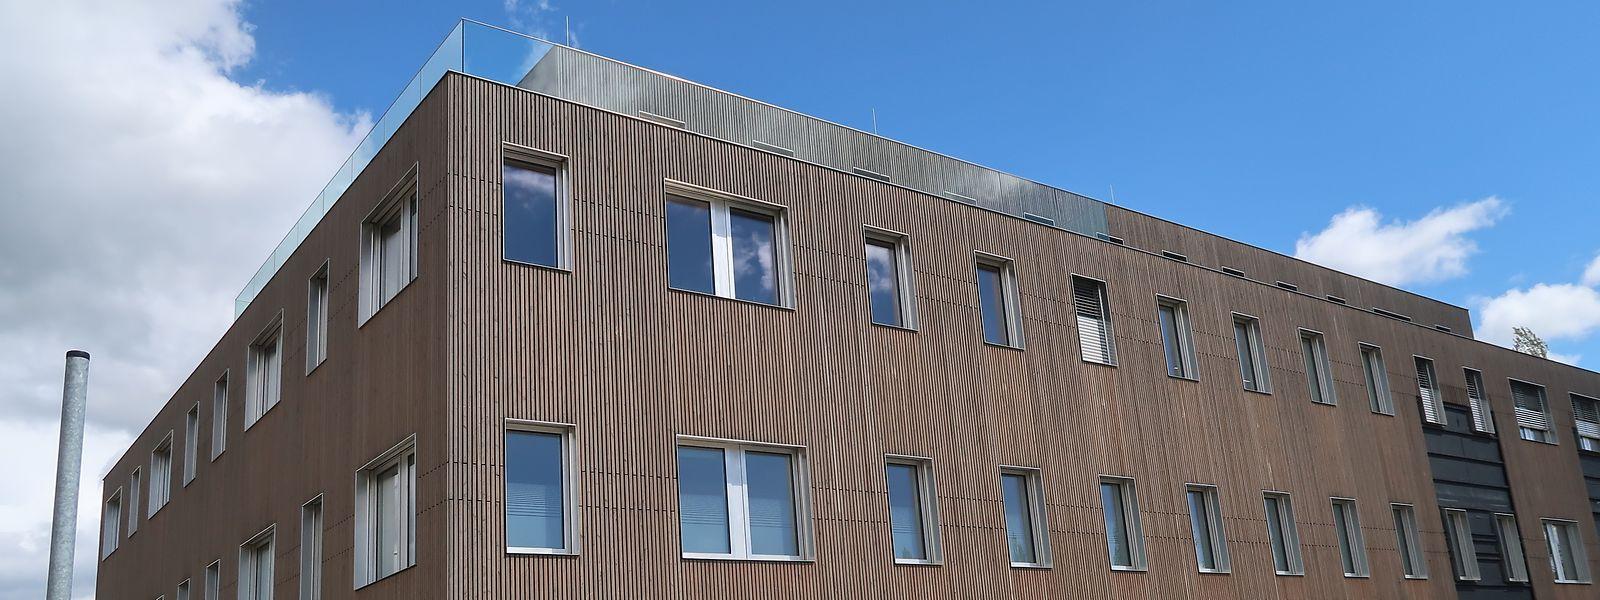 Von außen ist das Gebäude fertiggestellt, innen werden die Räume noch ausgebaut.